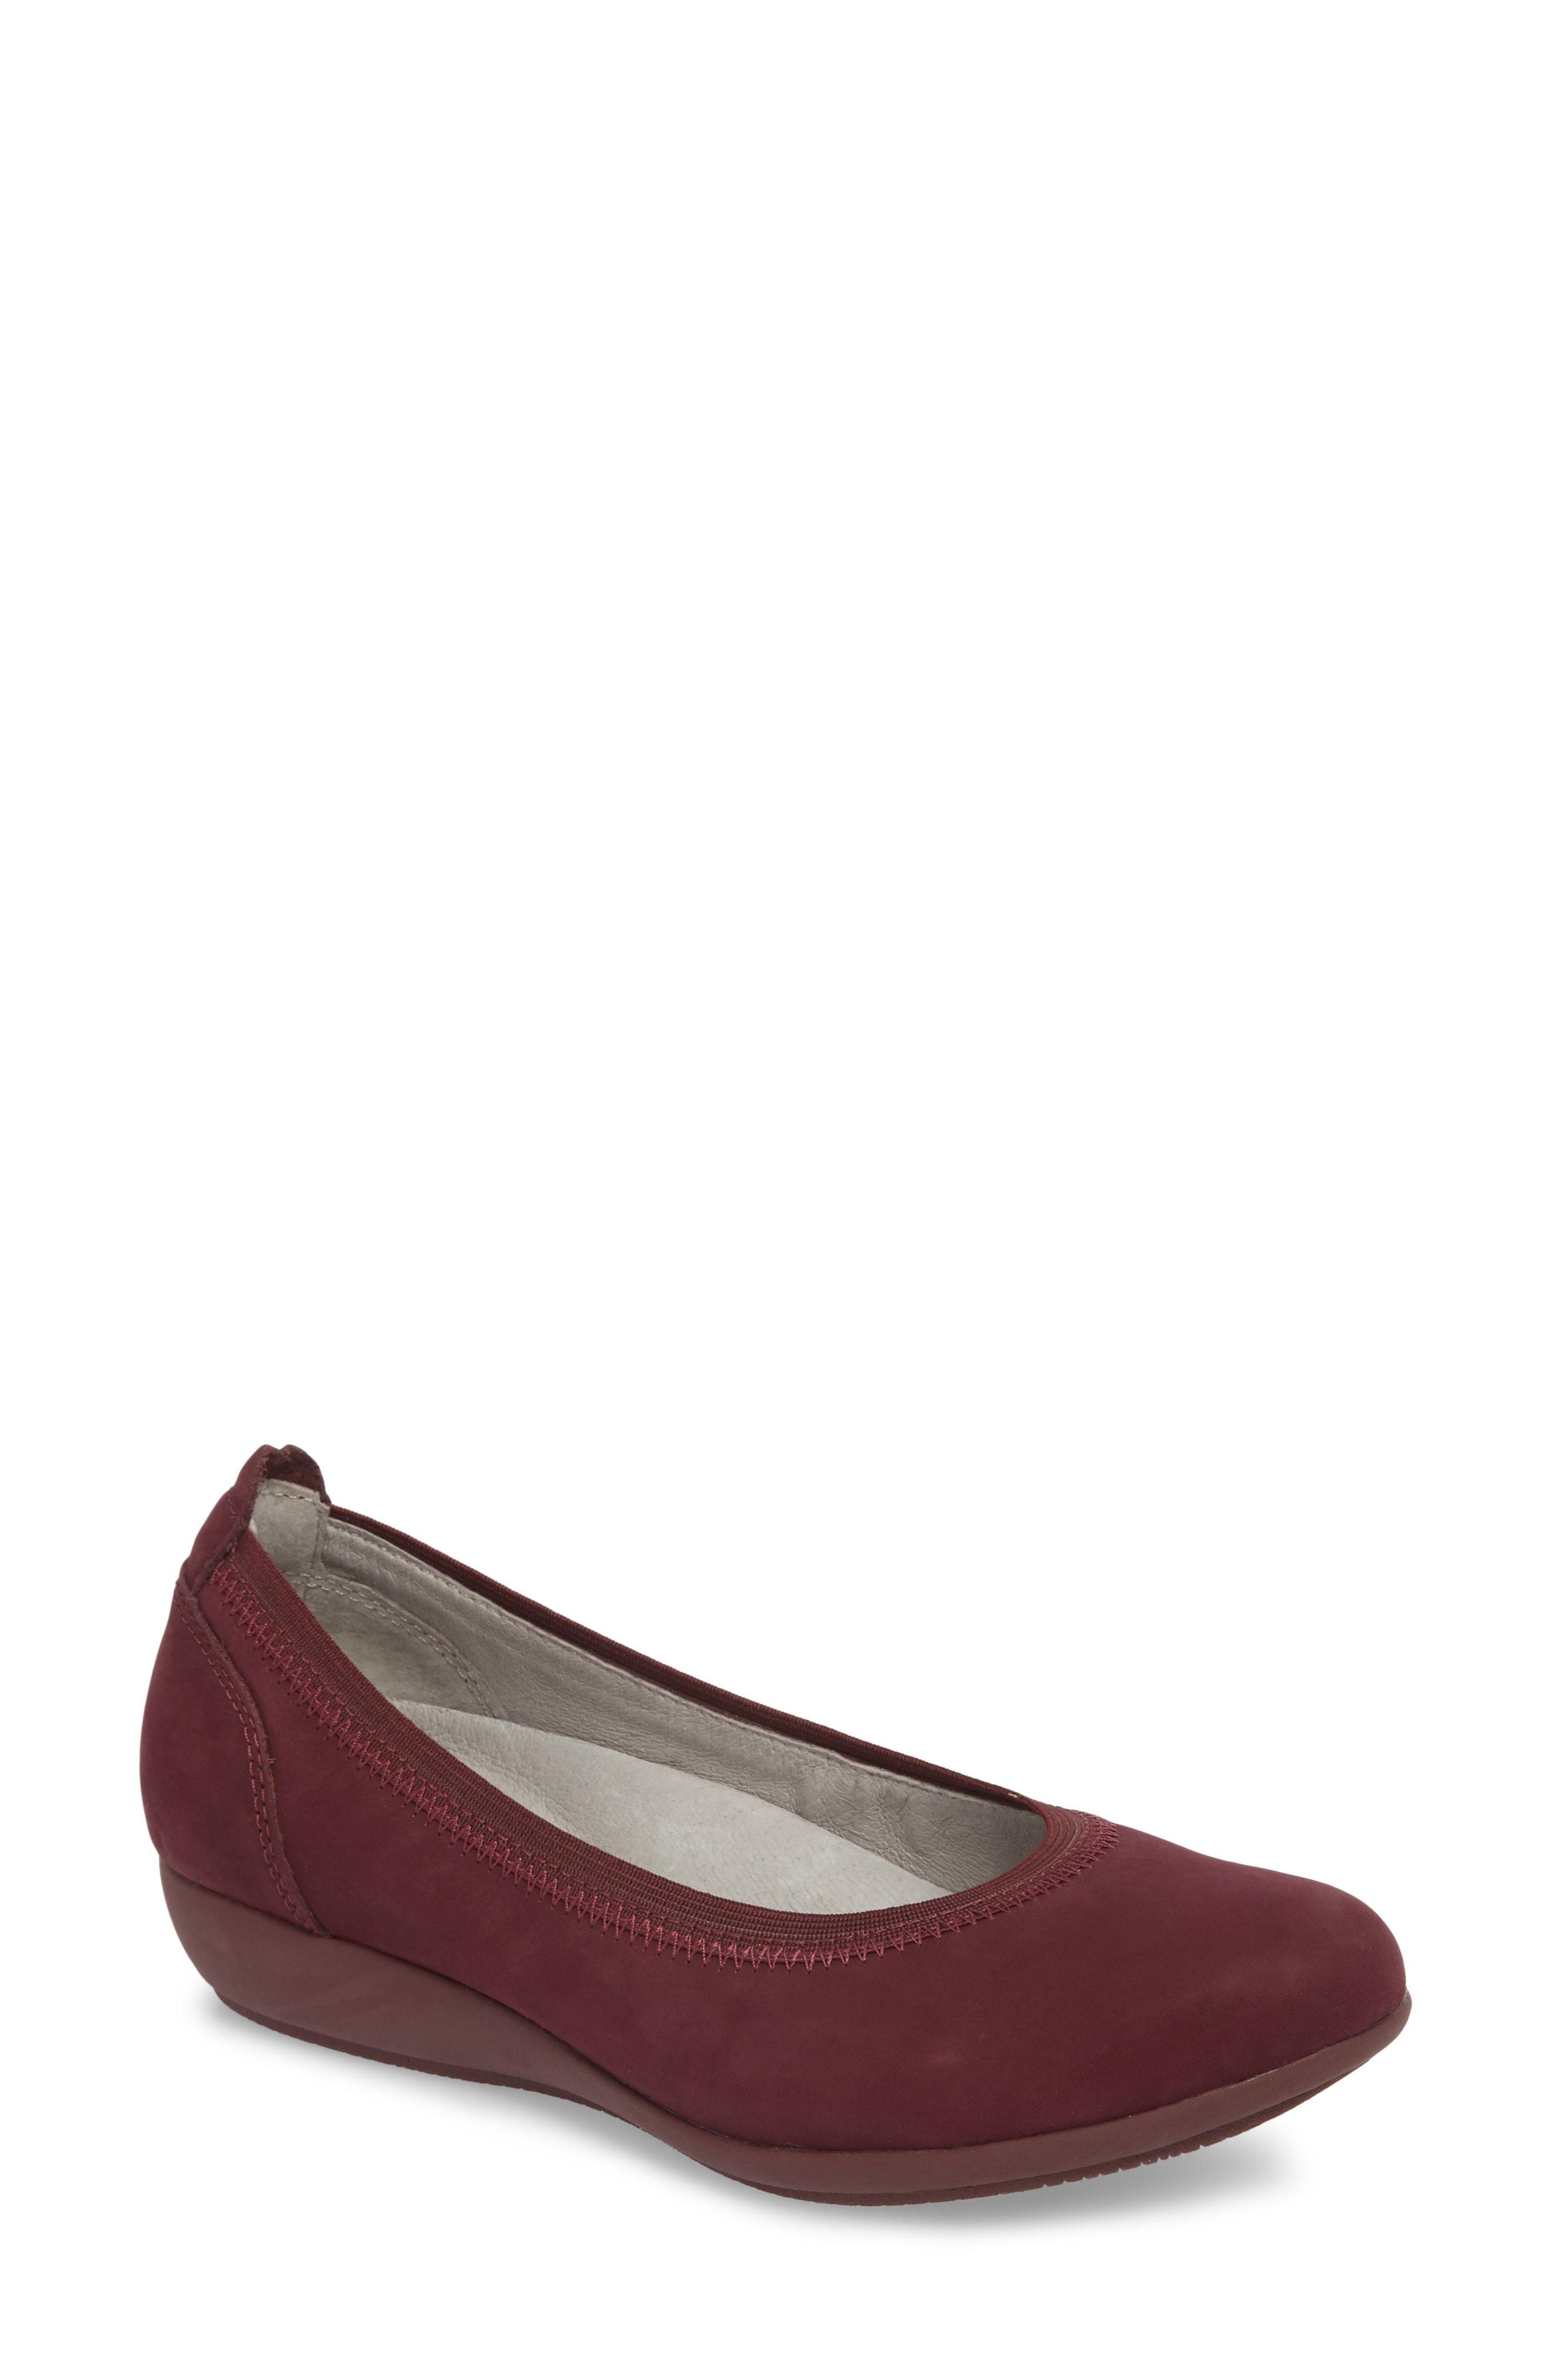 2614e18a1042 Lyst - Dansko Kristen Ballet Flat in Brown